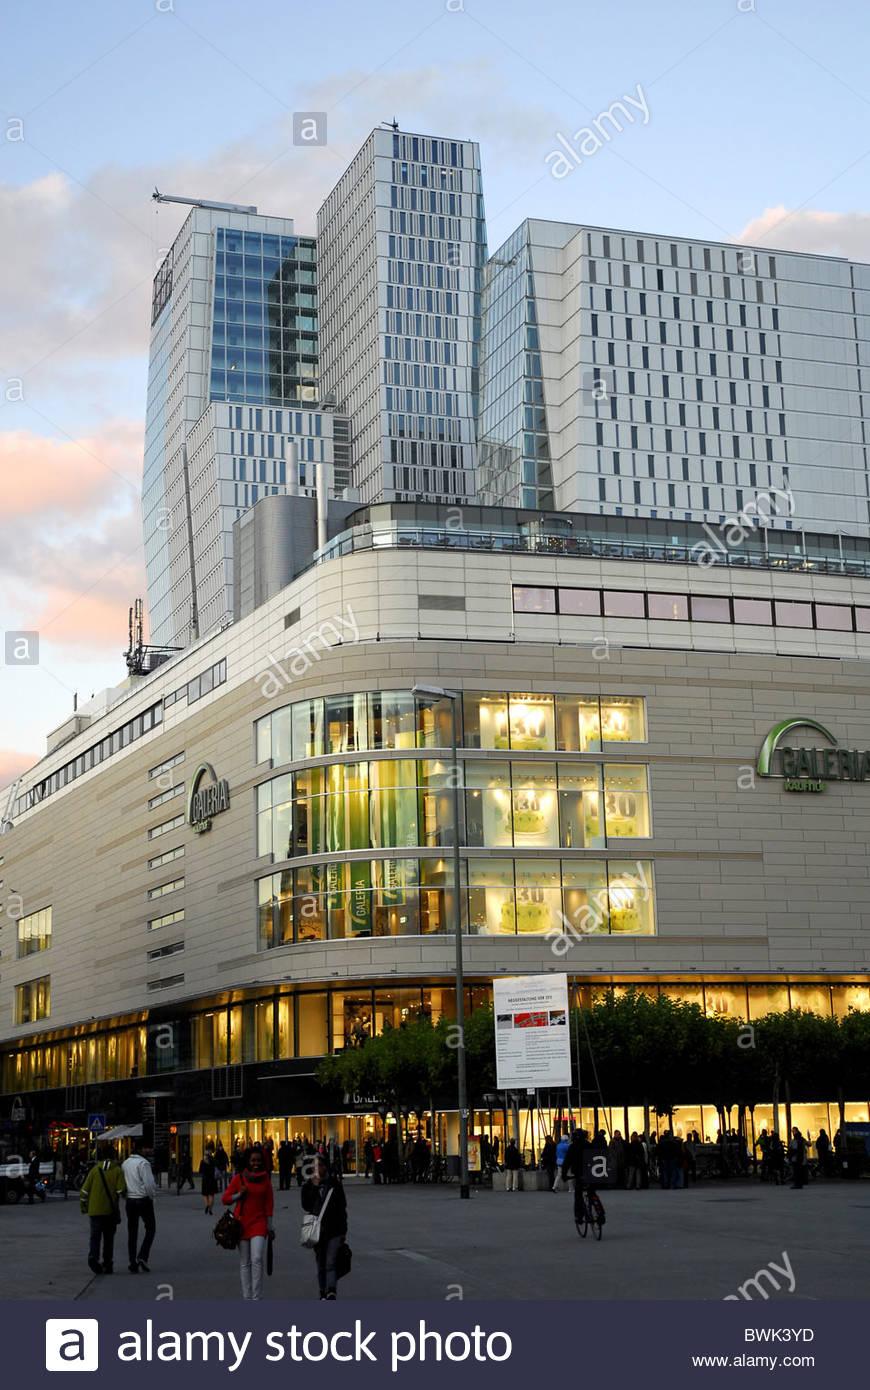 Galeria Kaufhof Shopping Mall Und Modernes Buro Turm Von Architekten